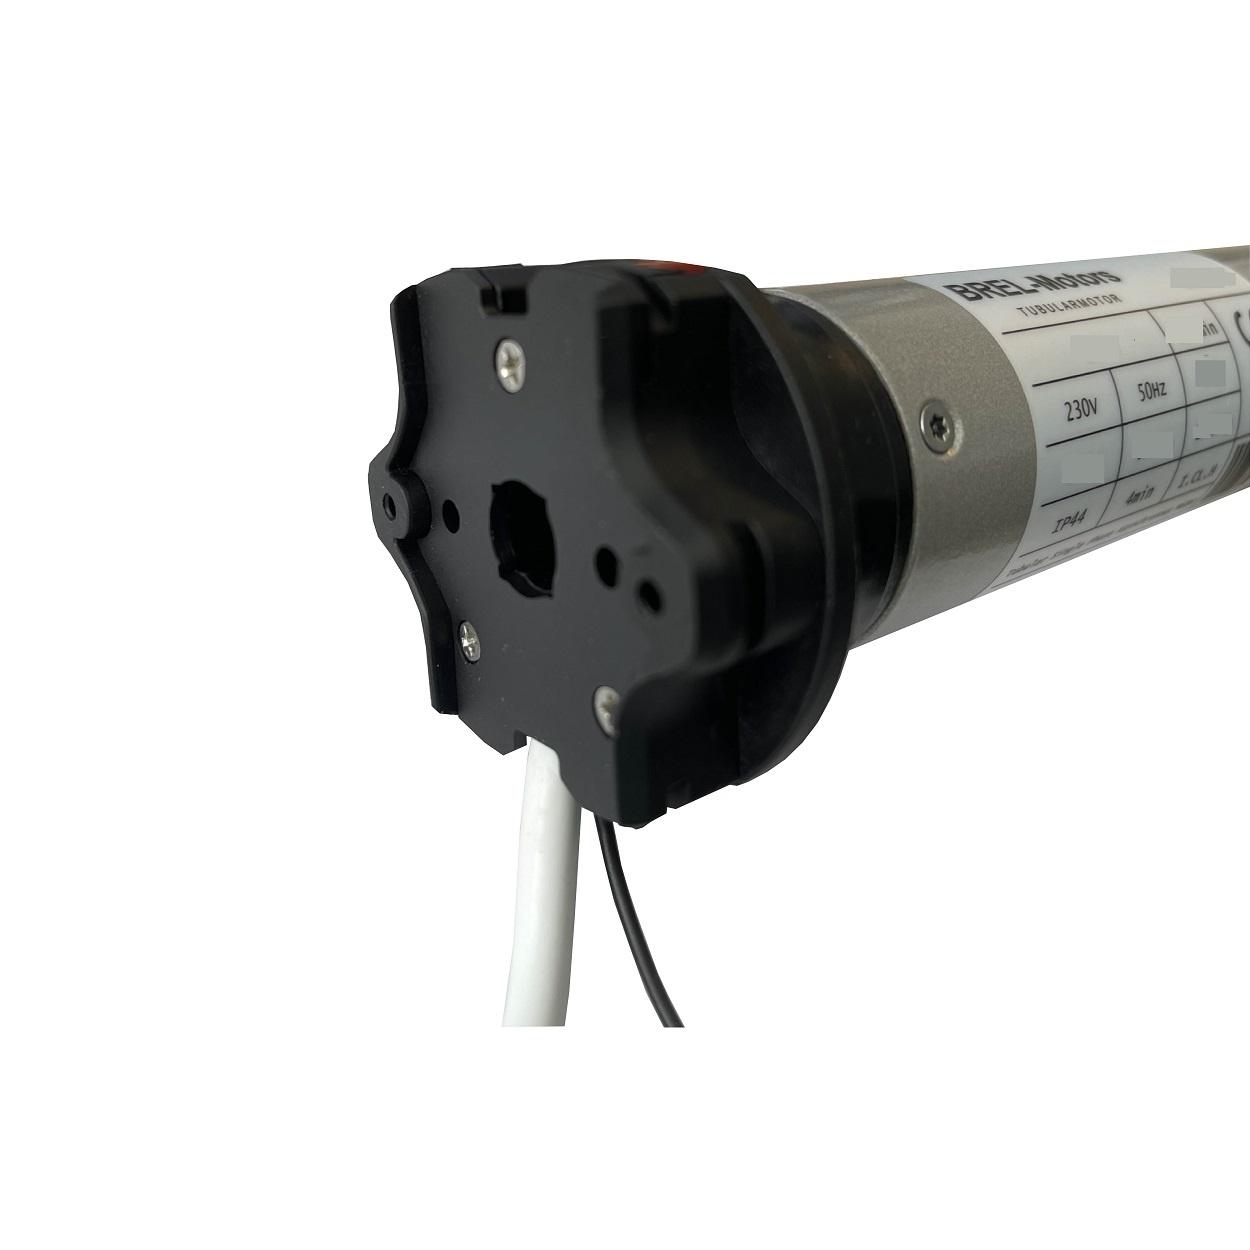 Brel BR45 buismotor met bi-directionele ontvanger en mechanische afstelling